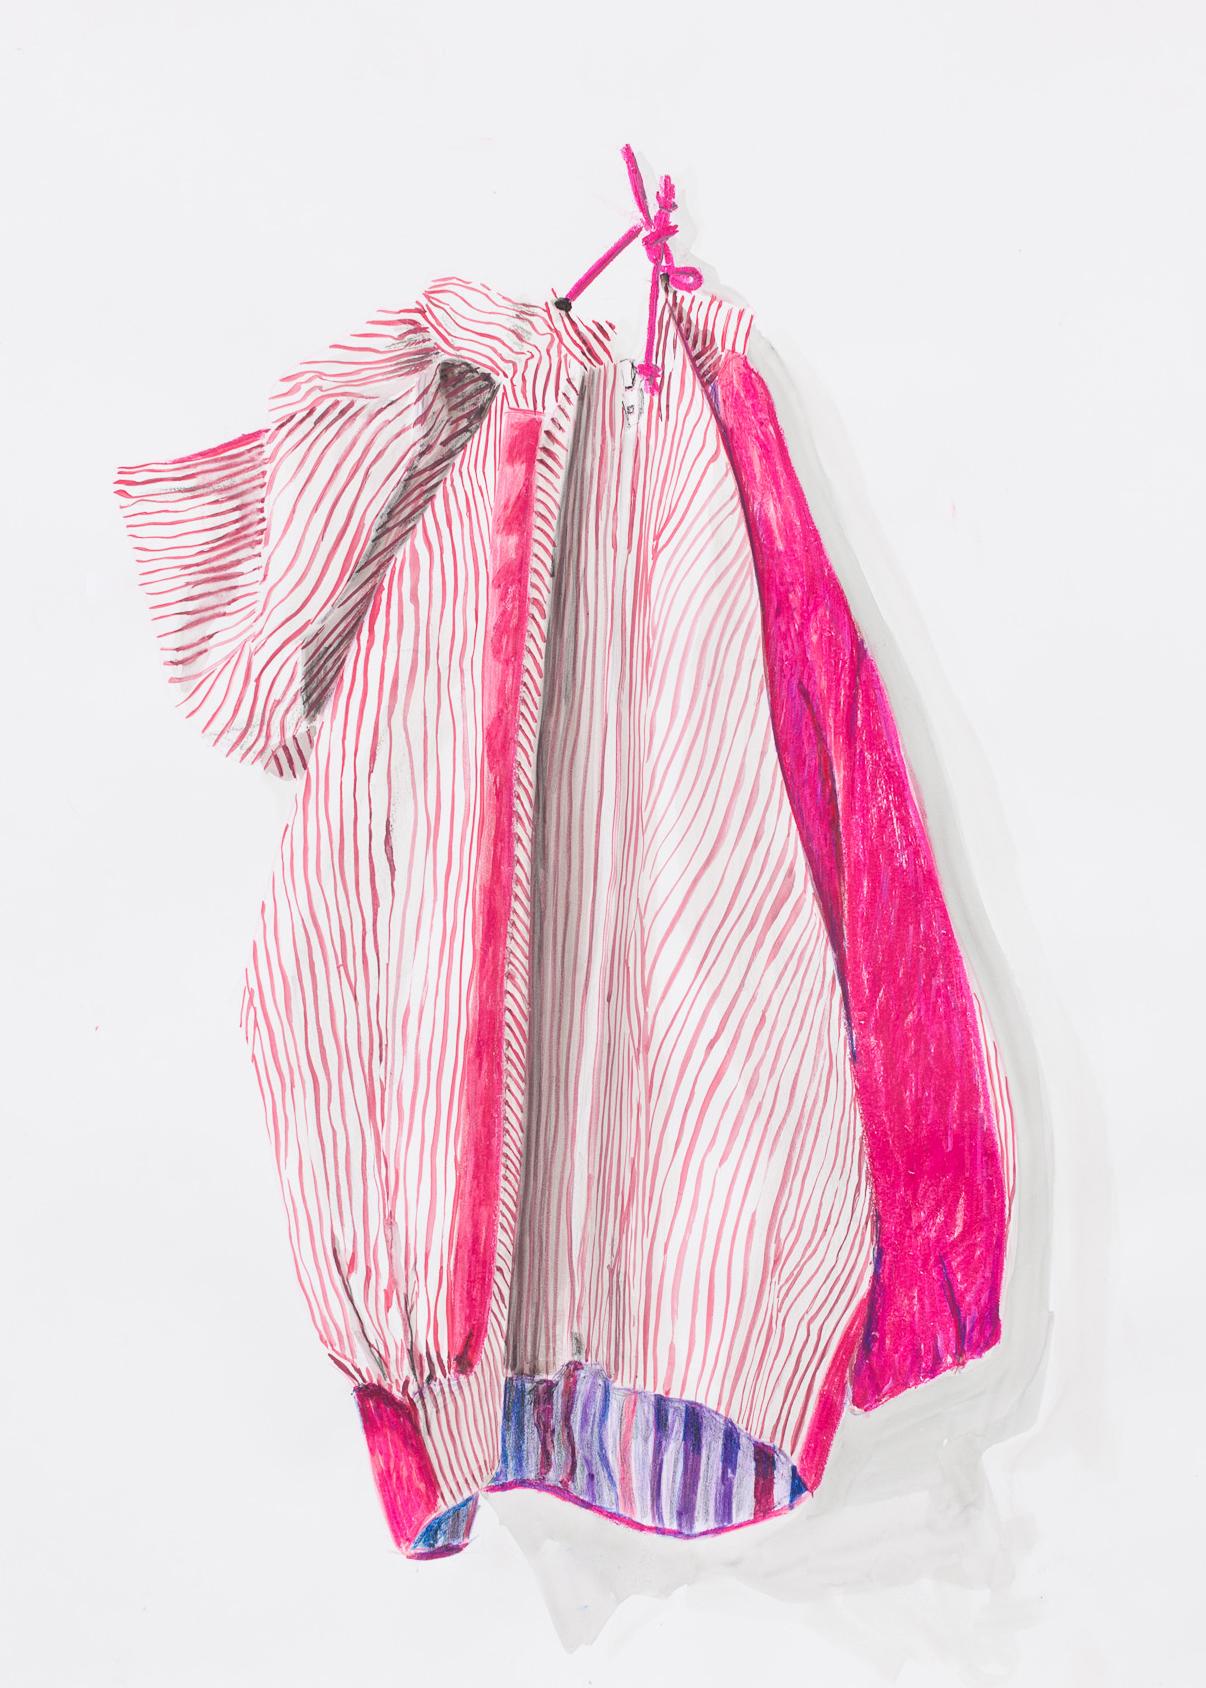 Britt Dorenbosch Mijn kleurenleer kinderkleding jas streepje